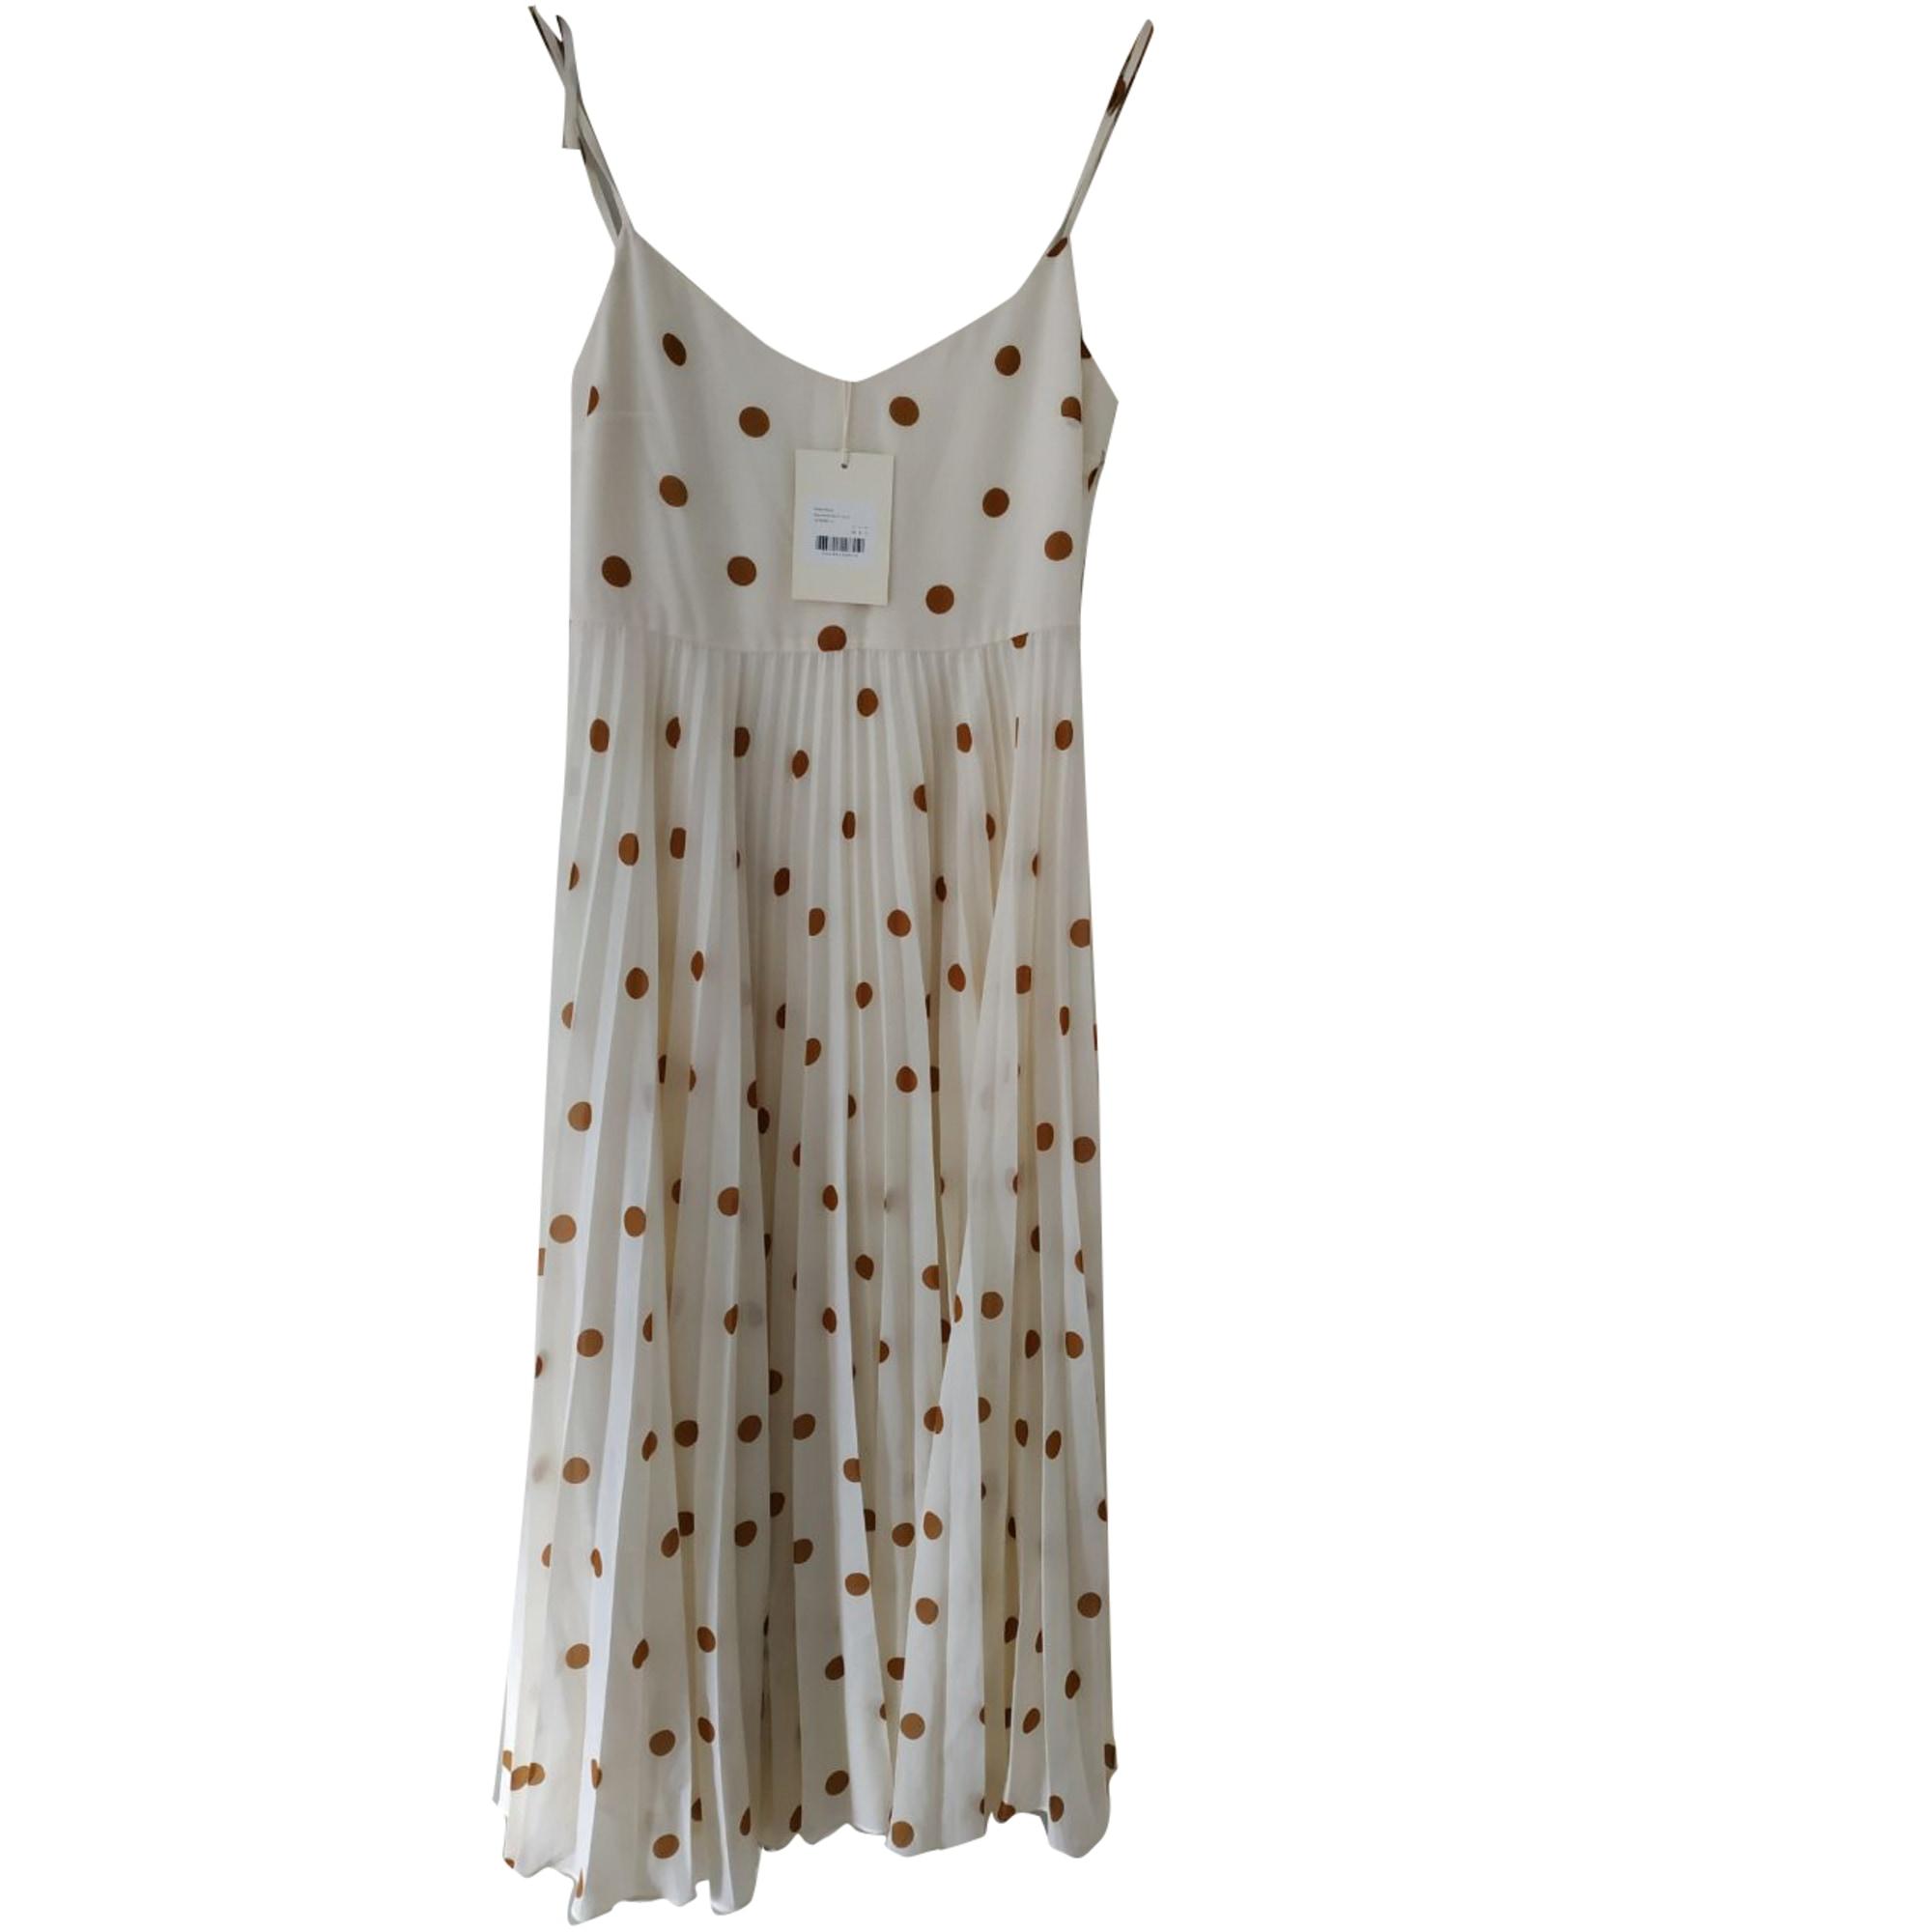 Maxi-Kleid SÉZANE Weiß, elfenbeinfarben